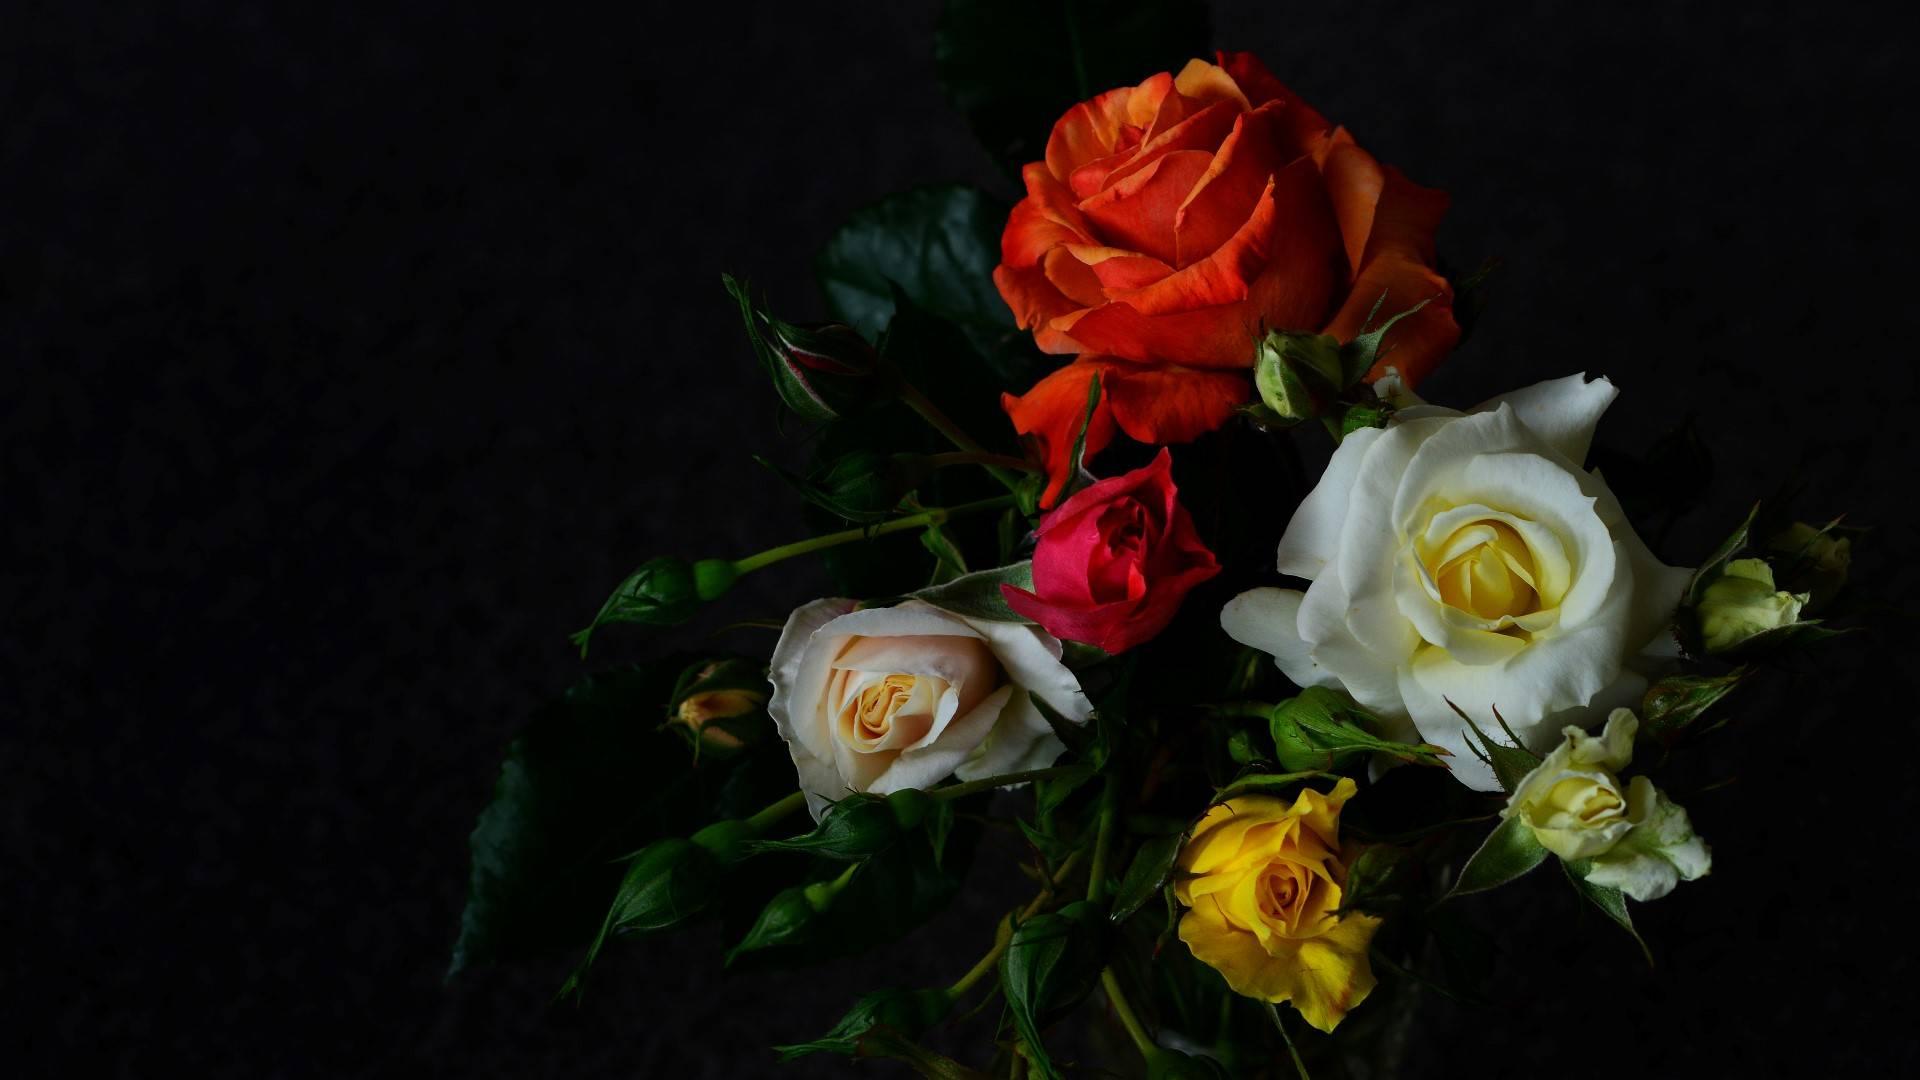 Красивые картинки розы на черном фоне, шоколадница шаблон день